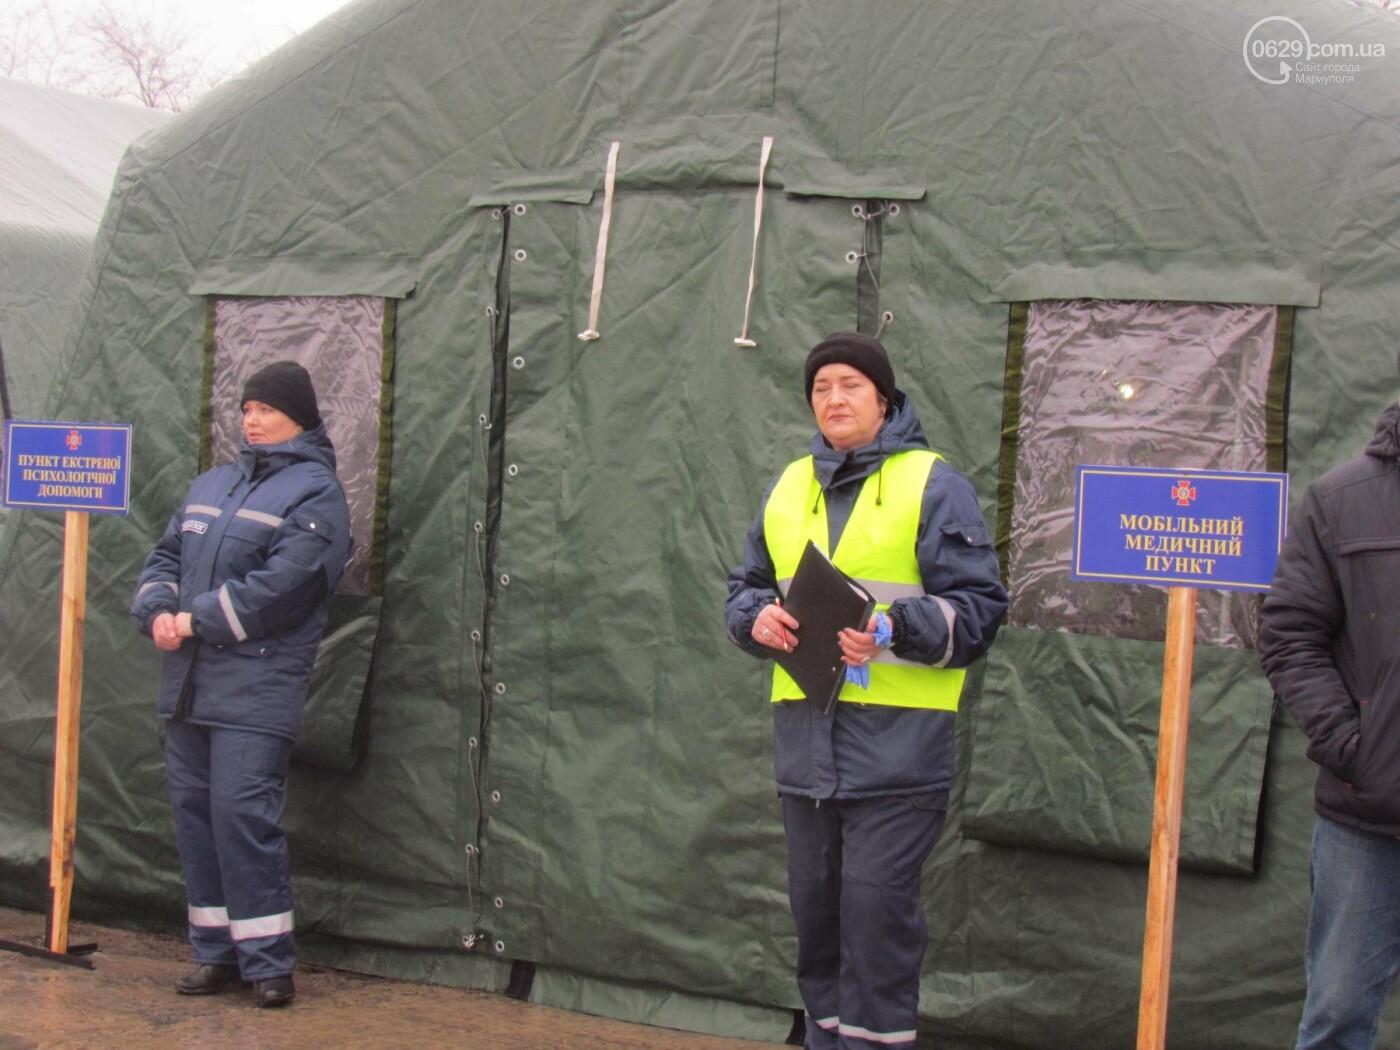 Под Мариуполем эвакуировали обмороженных и разминировали авто (ФОТОРЕПОРТАЖ+ВИДЕО), фото-1